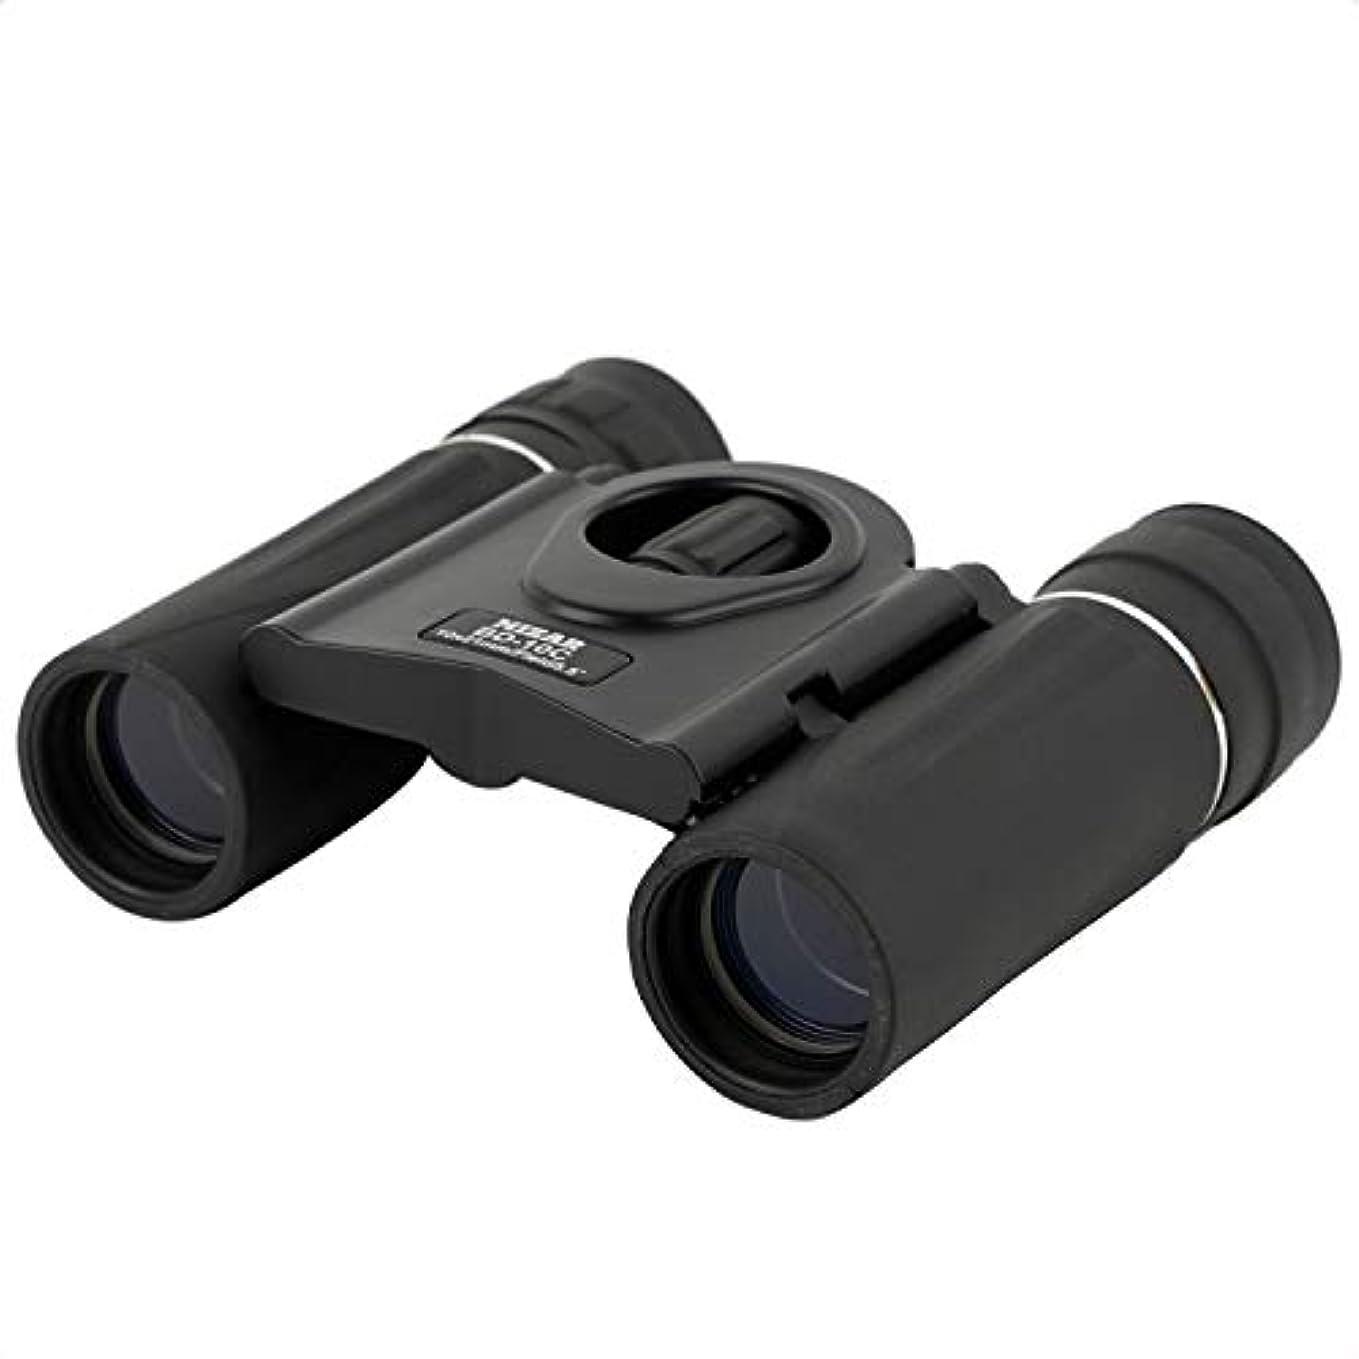 故障動物雨のMIZAR(ミザールテック) 双眼鏡 10倍 21mm 口径 ダハプリズム式 コンパクト ブラック BD-10C